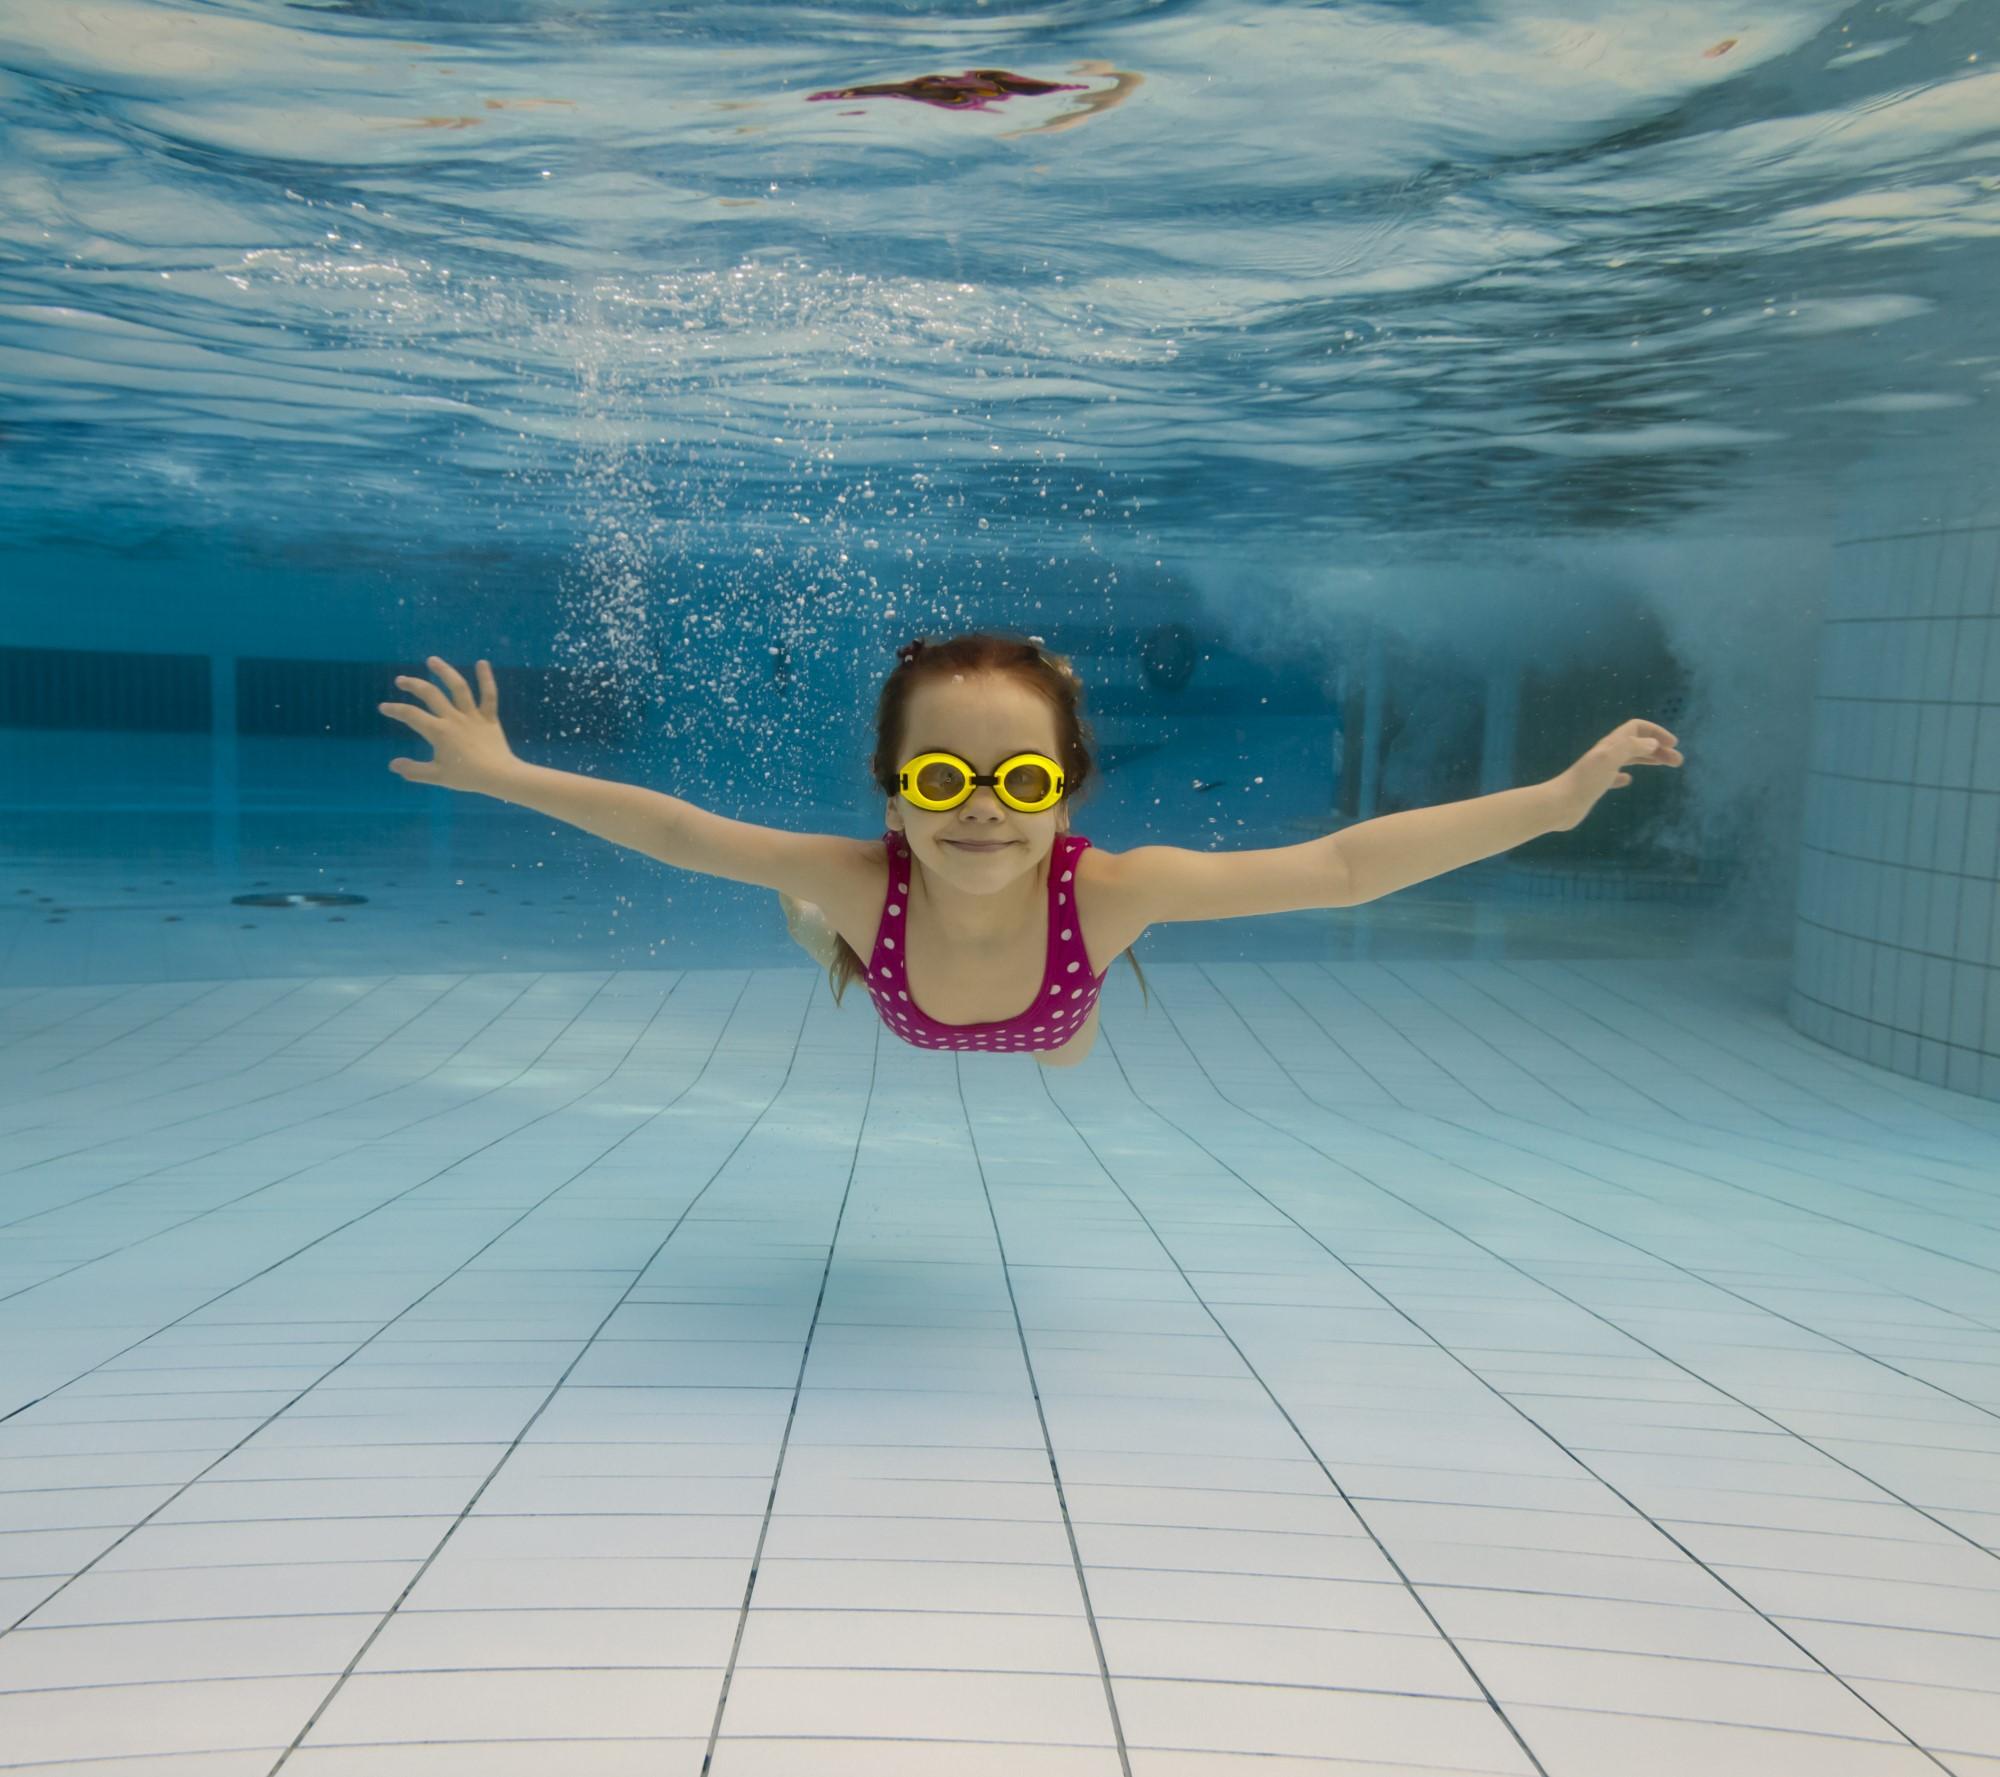 Ilmoittautuminen uimakouluun